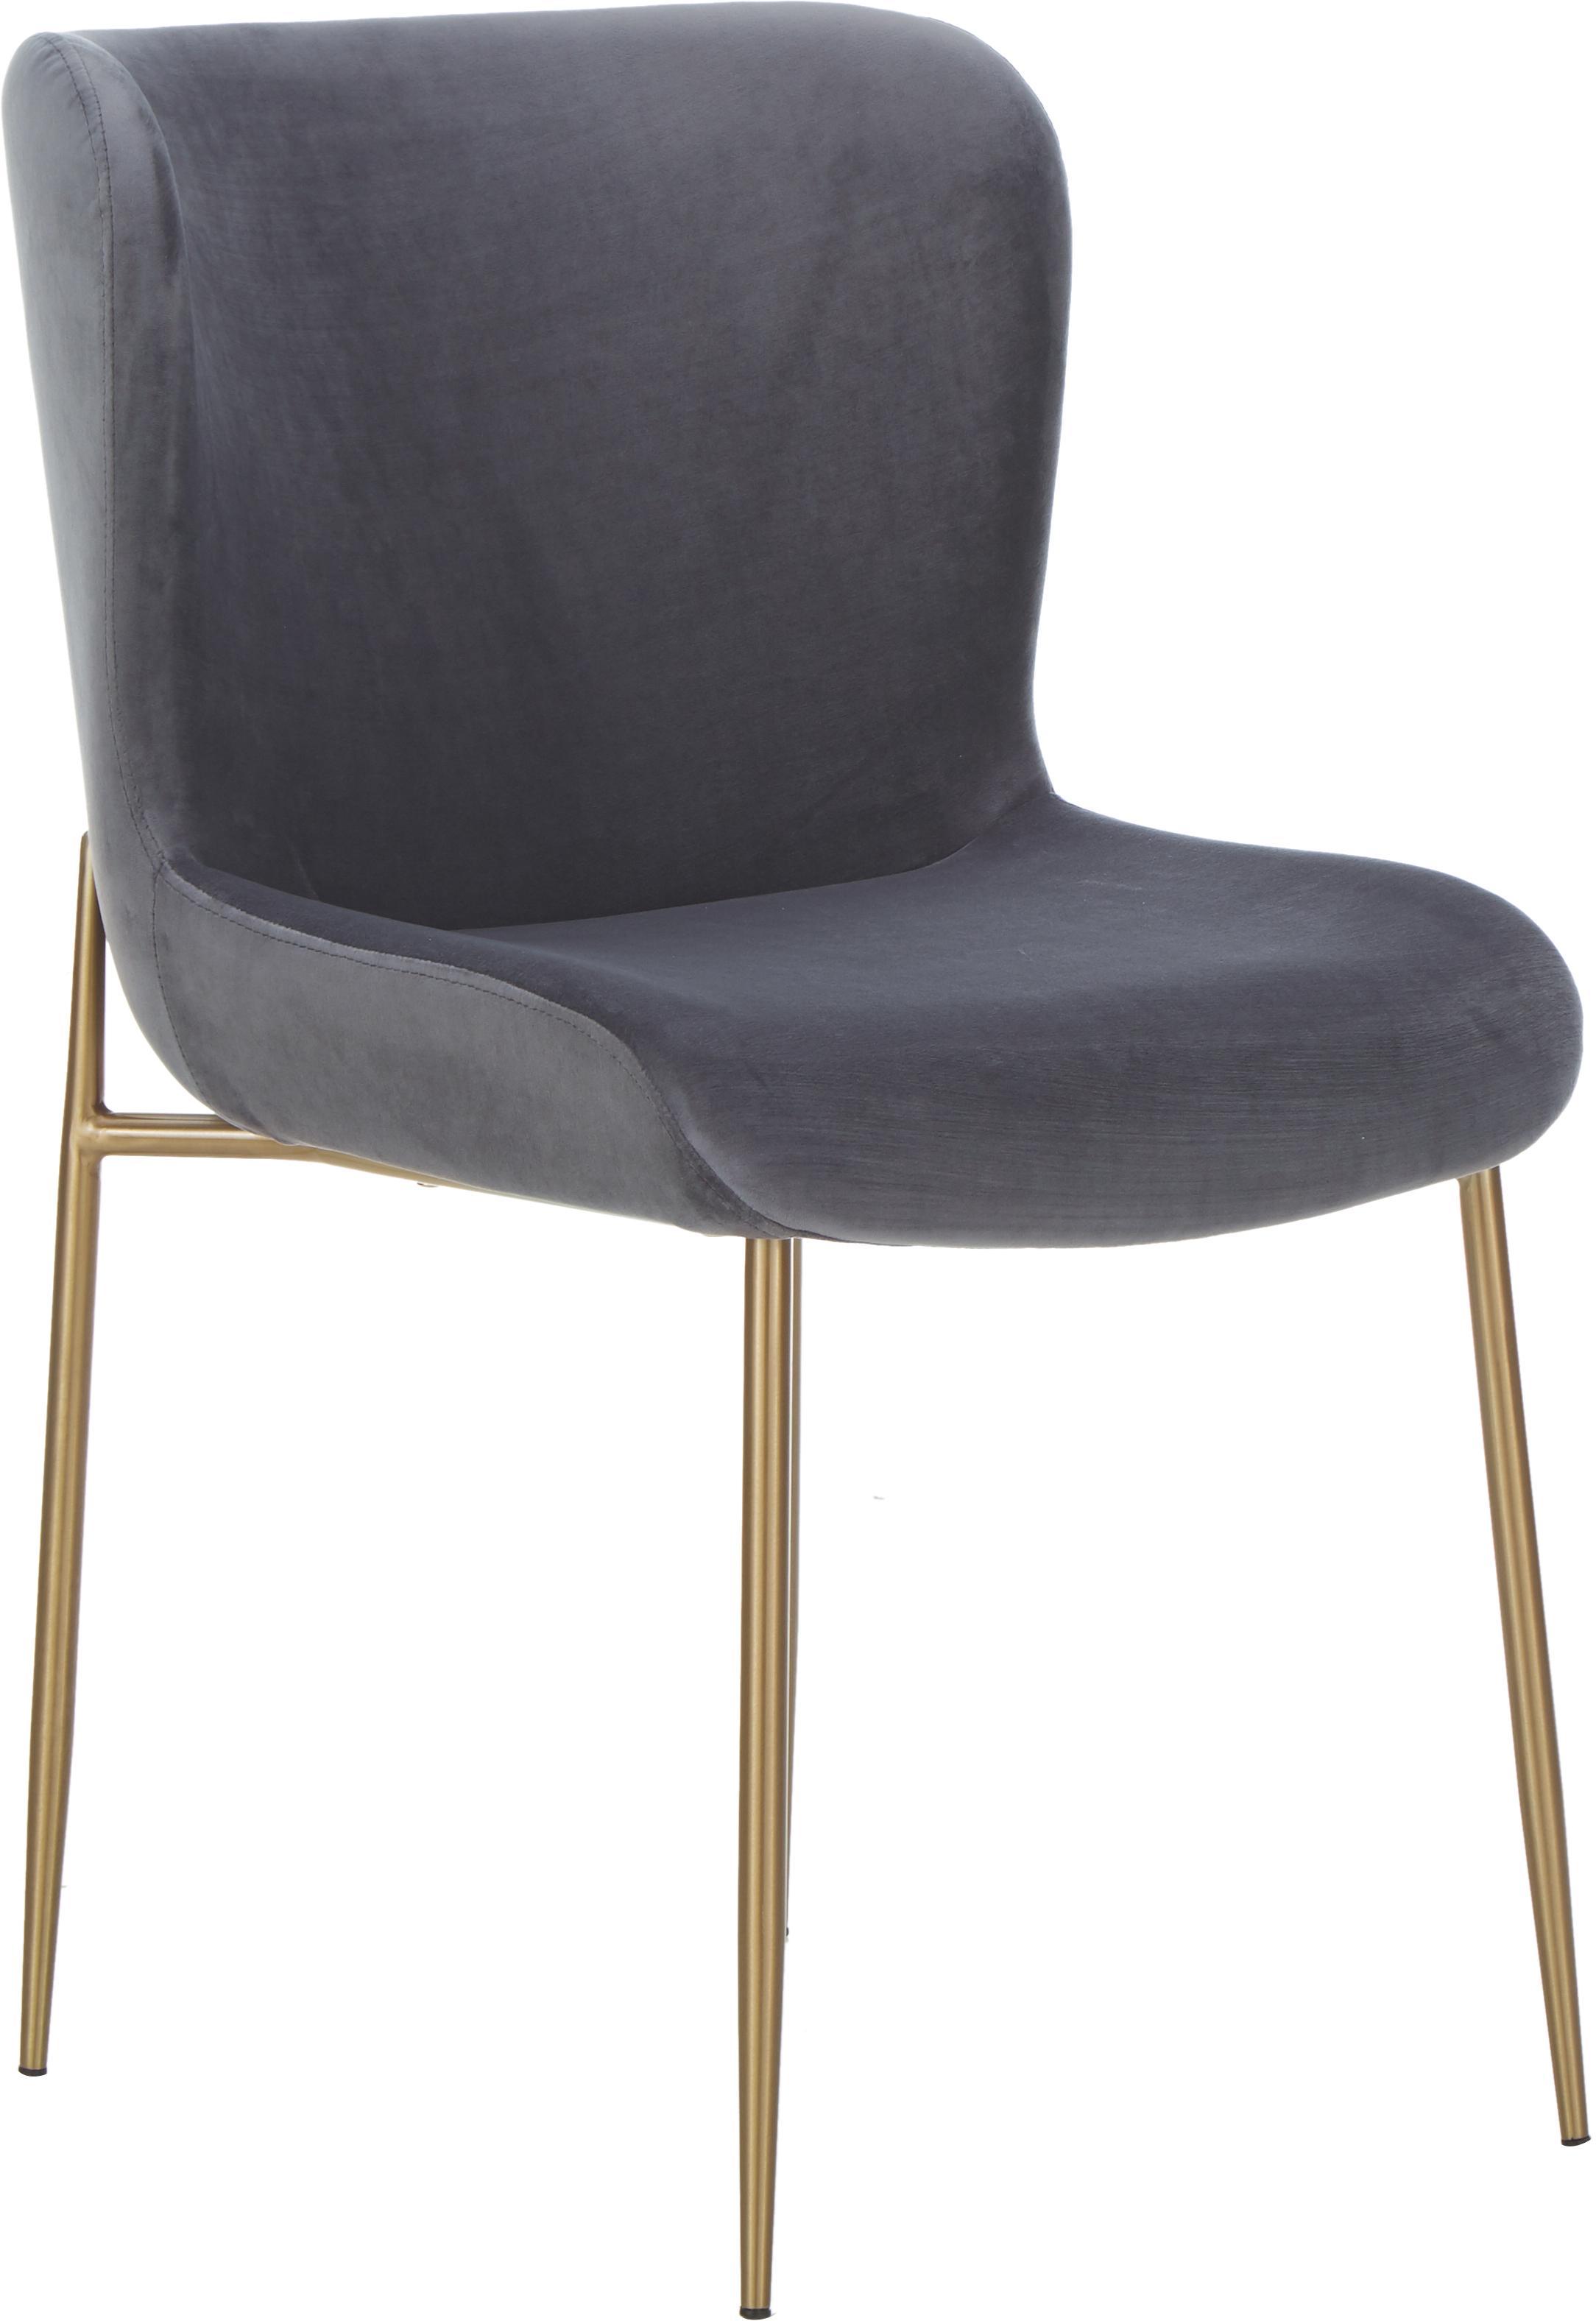 Fluwelen stoel Tess, Bekleding: fluweel (polyester) De be, Poten: gecoat metaal, Fluweel antraciet, poten goudkleurig, B 48 x D 64 cm